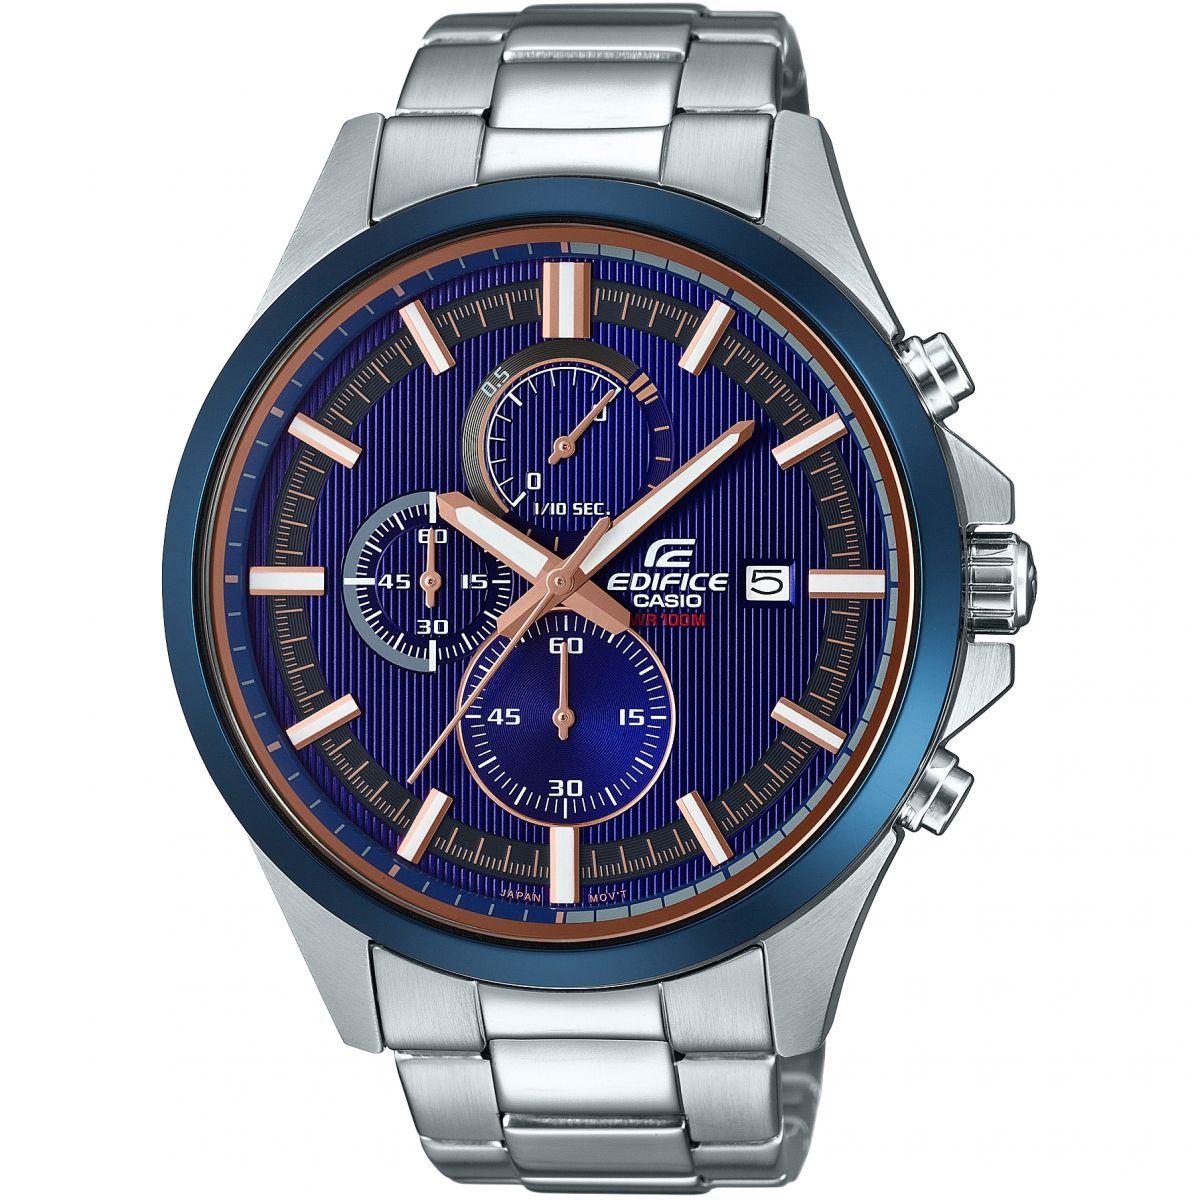 3806c4b3c2b6 Mens Casio Edifice Chronograph Watch EFV-520DB-2AVUEF - £90 (With Code)    Watch Shop - hotukdeals